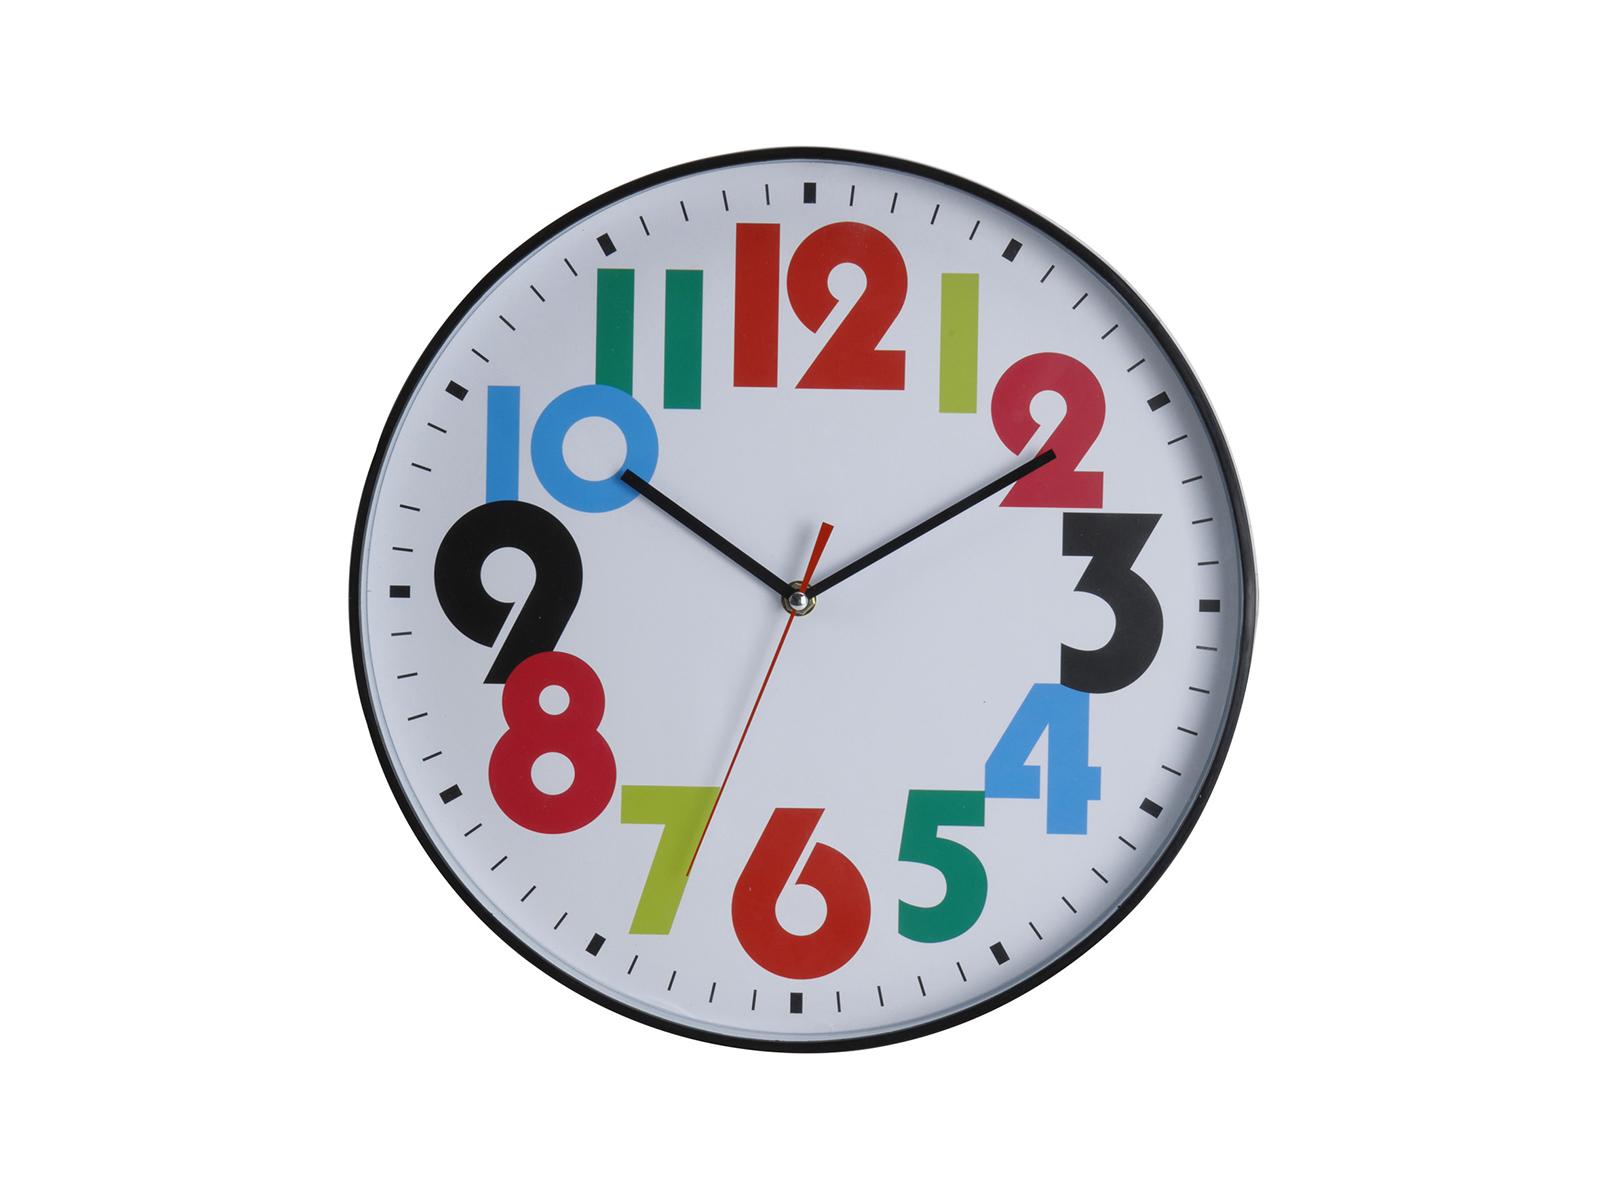 Часы Fun numbers HZ1900300_2 ОГОГО Обстановочка!